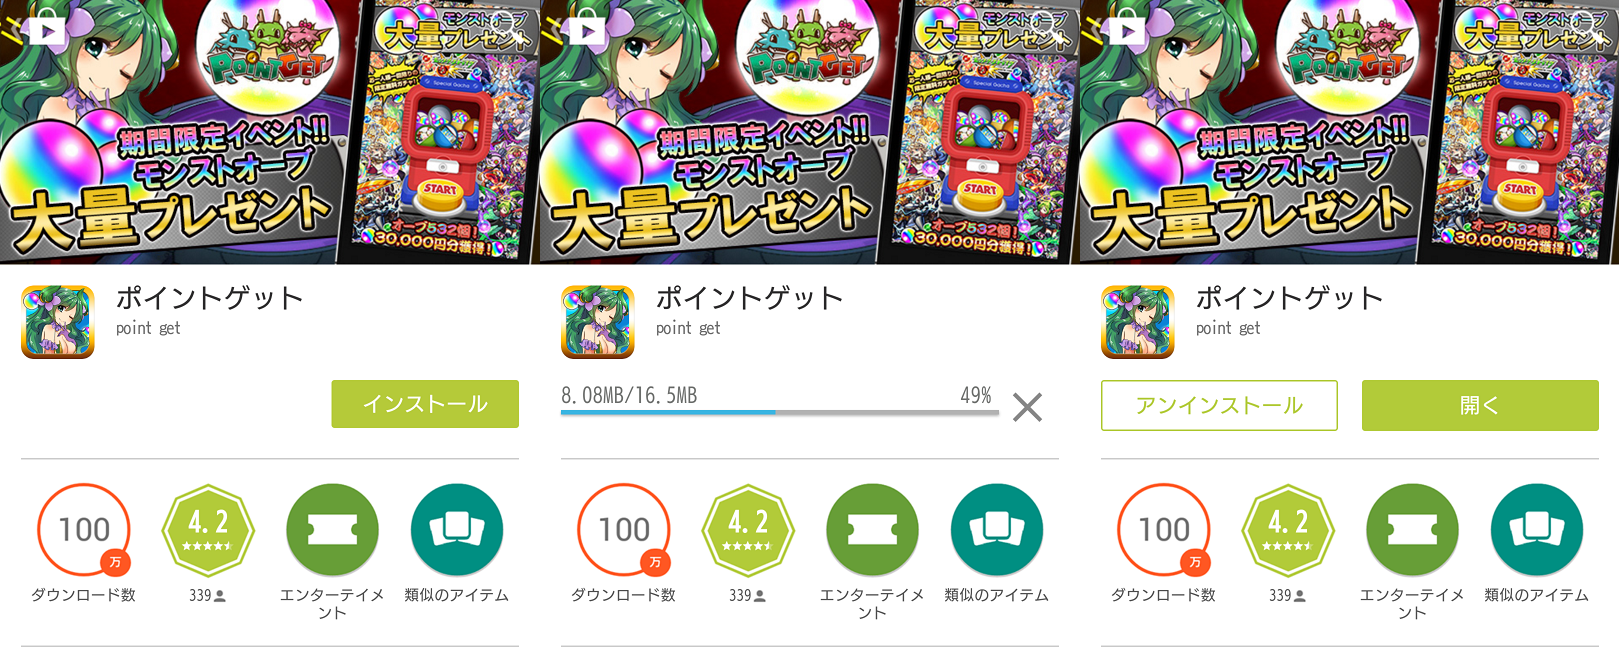 モンスト/アプリ風サイト